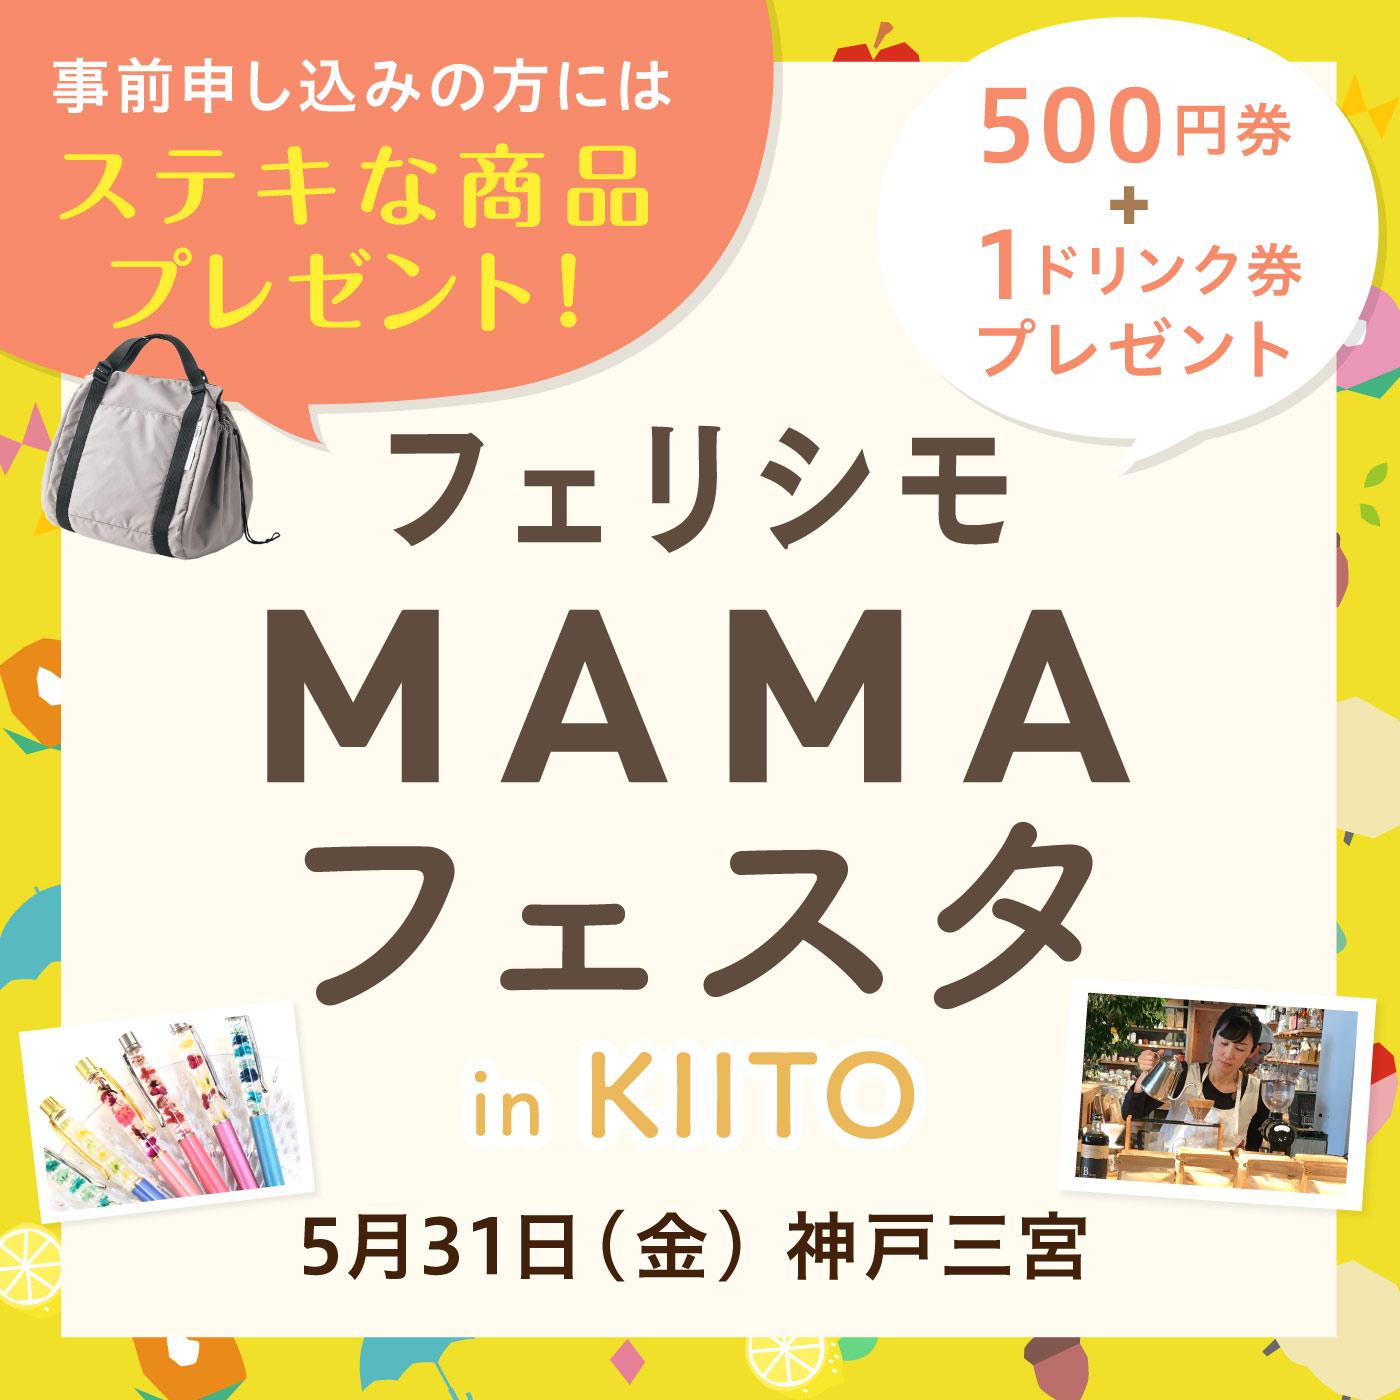 〈フェリシモMAMA〉5月31日(金)フェリシモMAMAフェスタ in KITTO